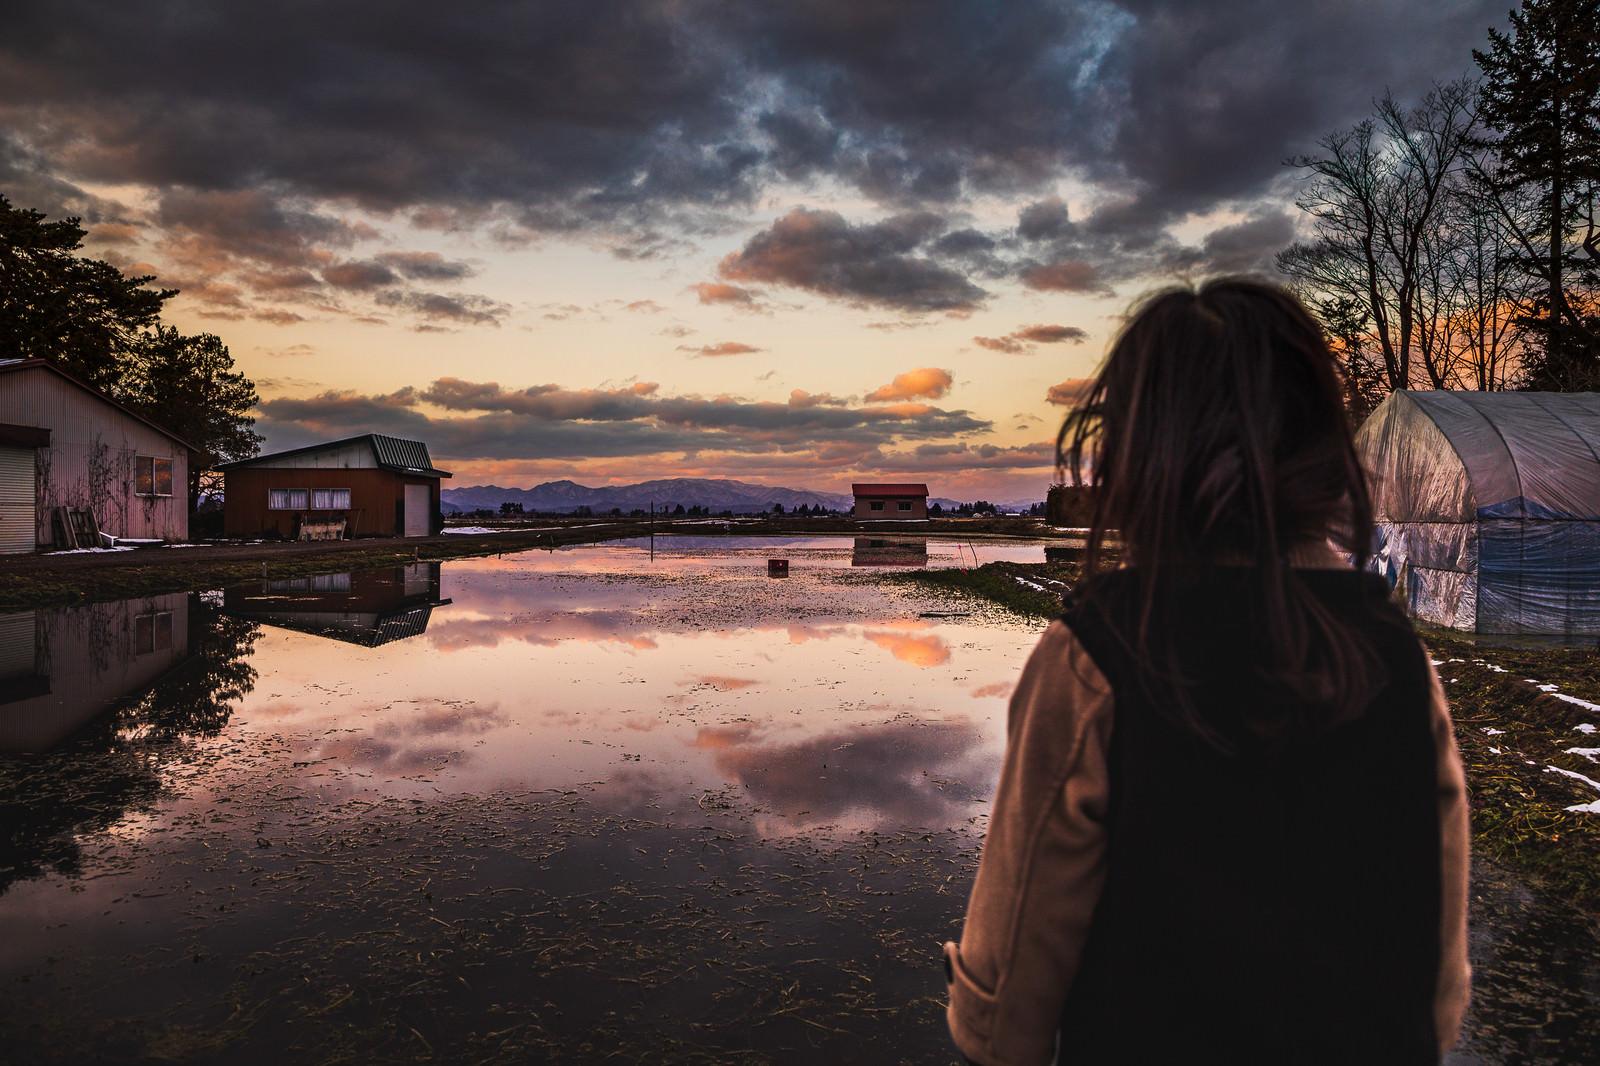 「夕暮れのセリ畑を見つめる少女」の写真